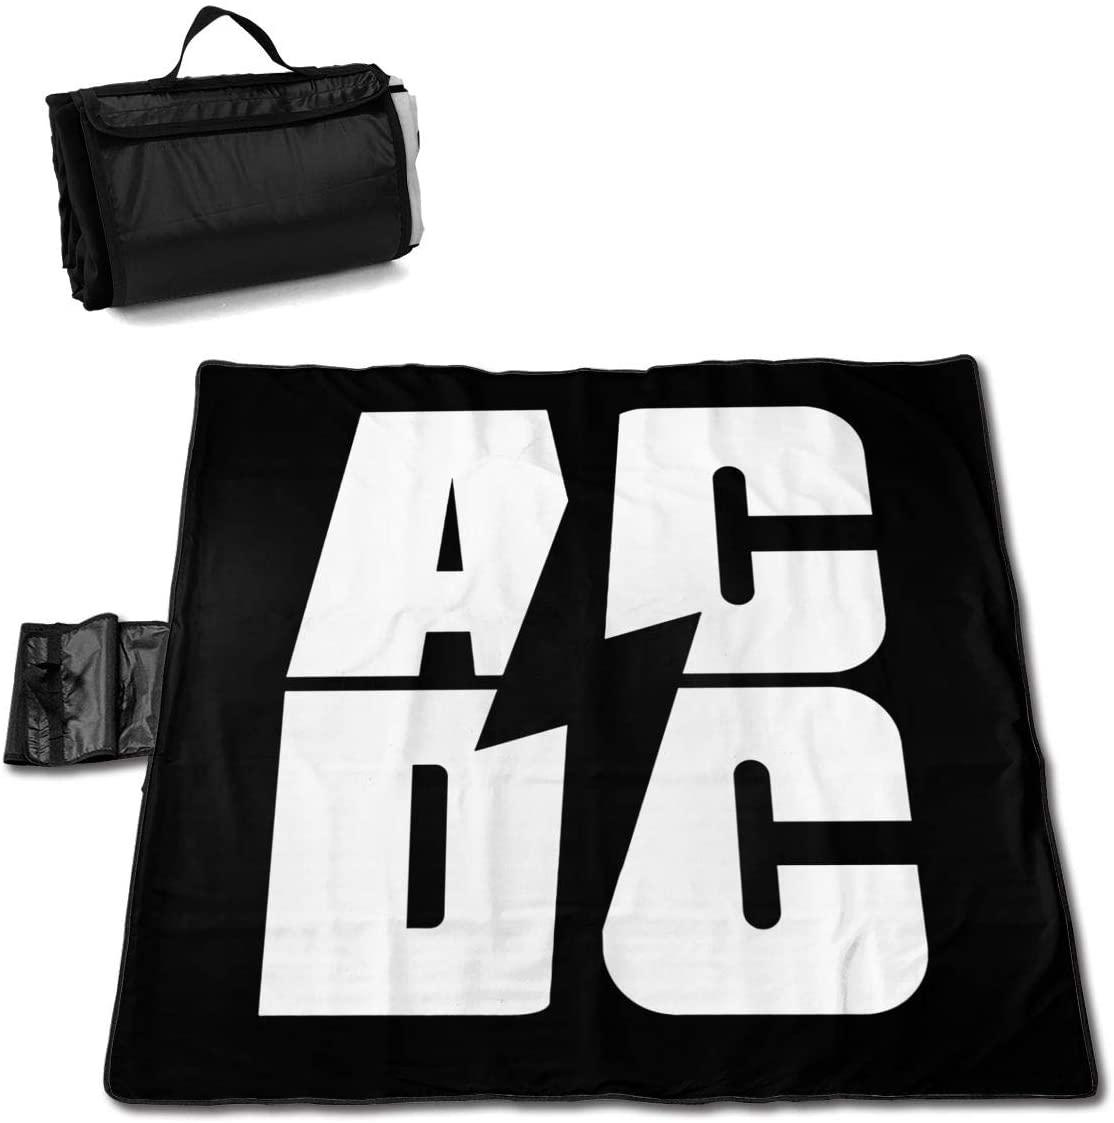 Htu Ac-Dc Portable Printed Picnic Blanket Waterproof 59x57(in)